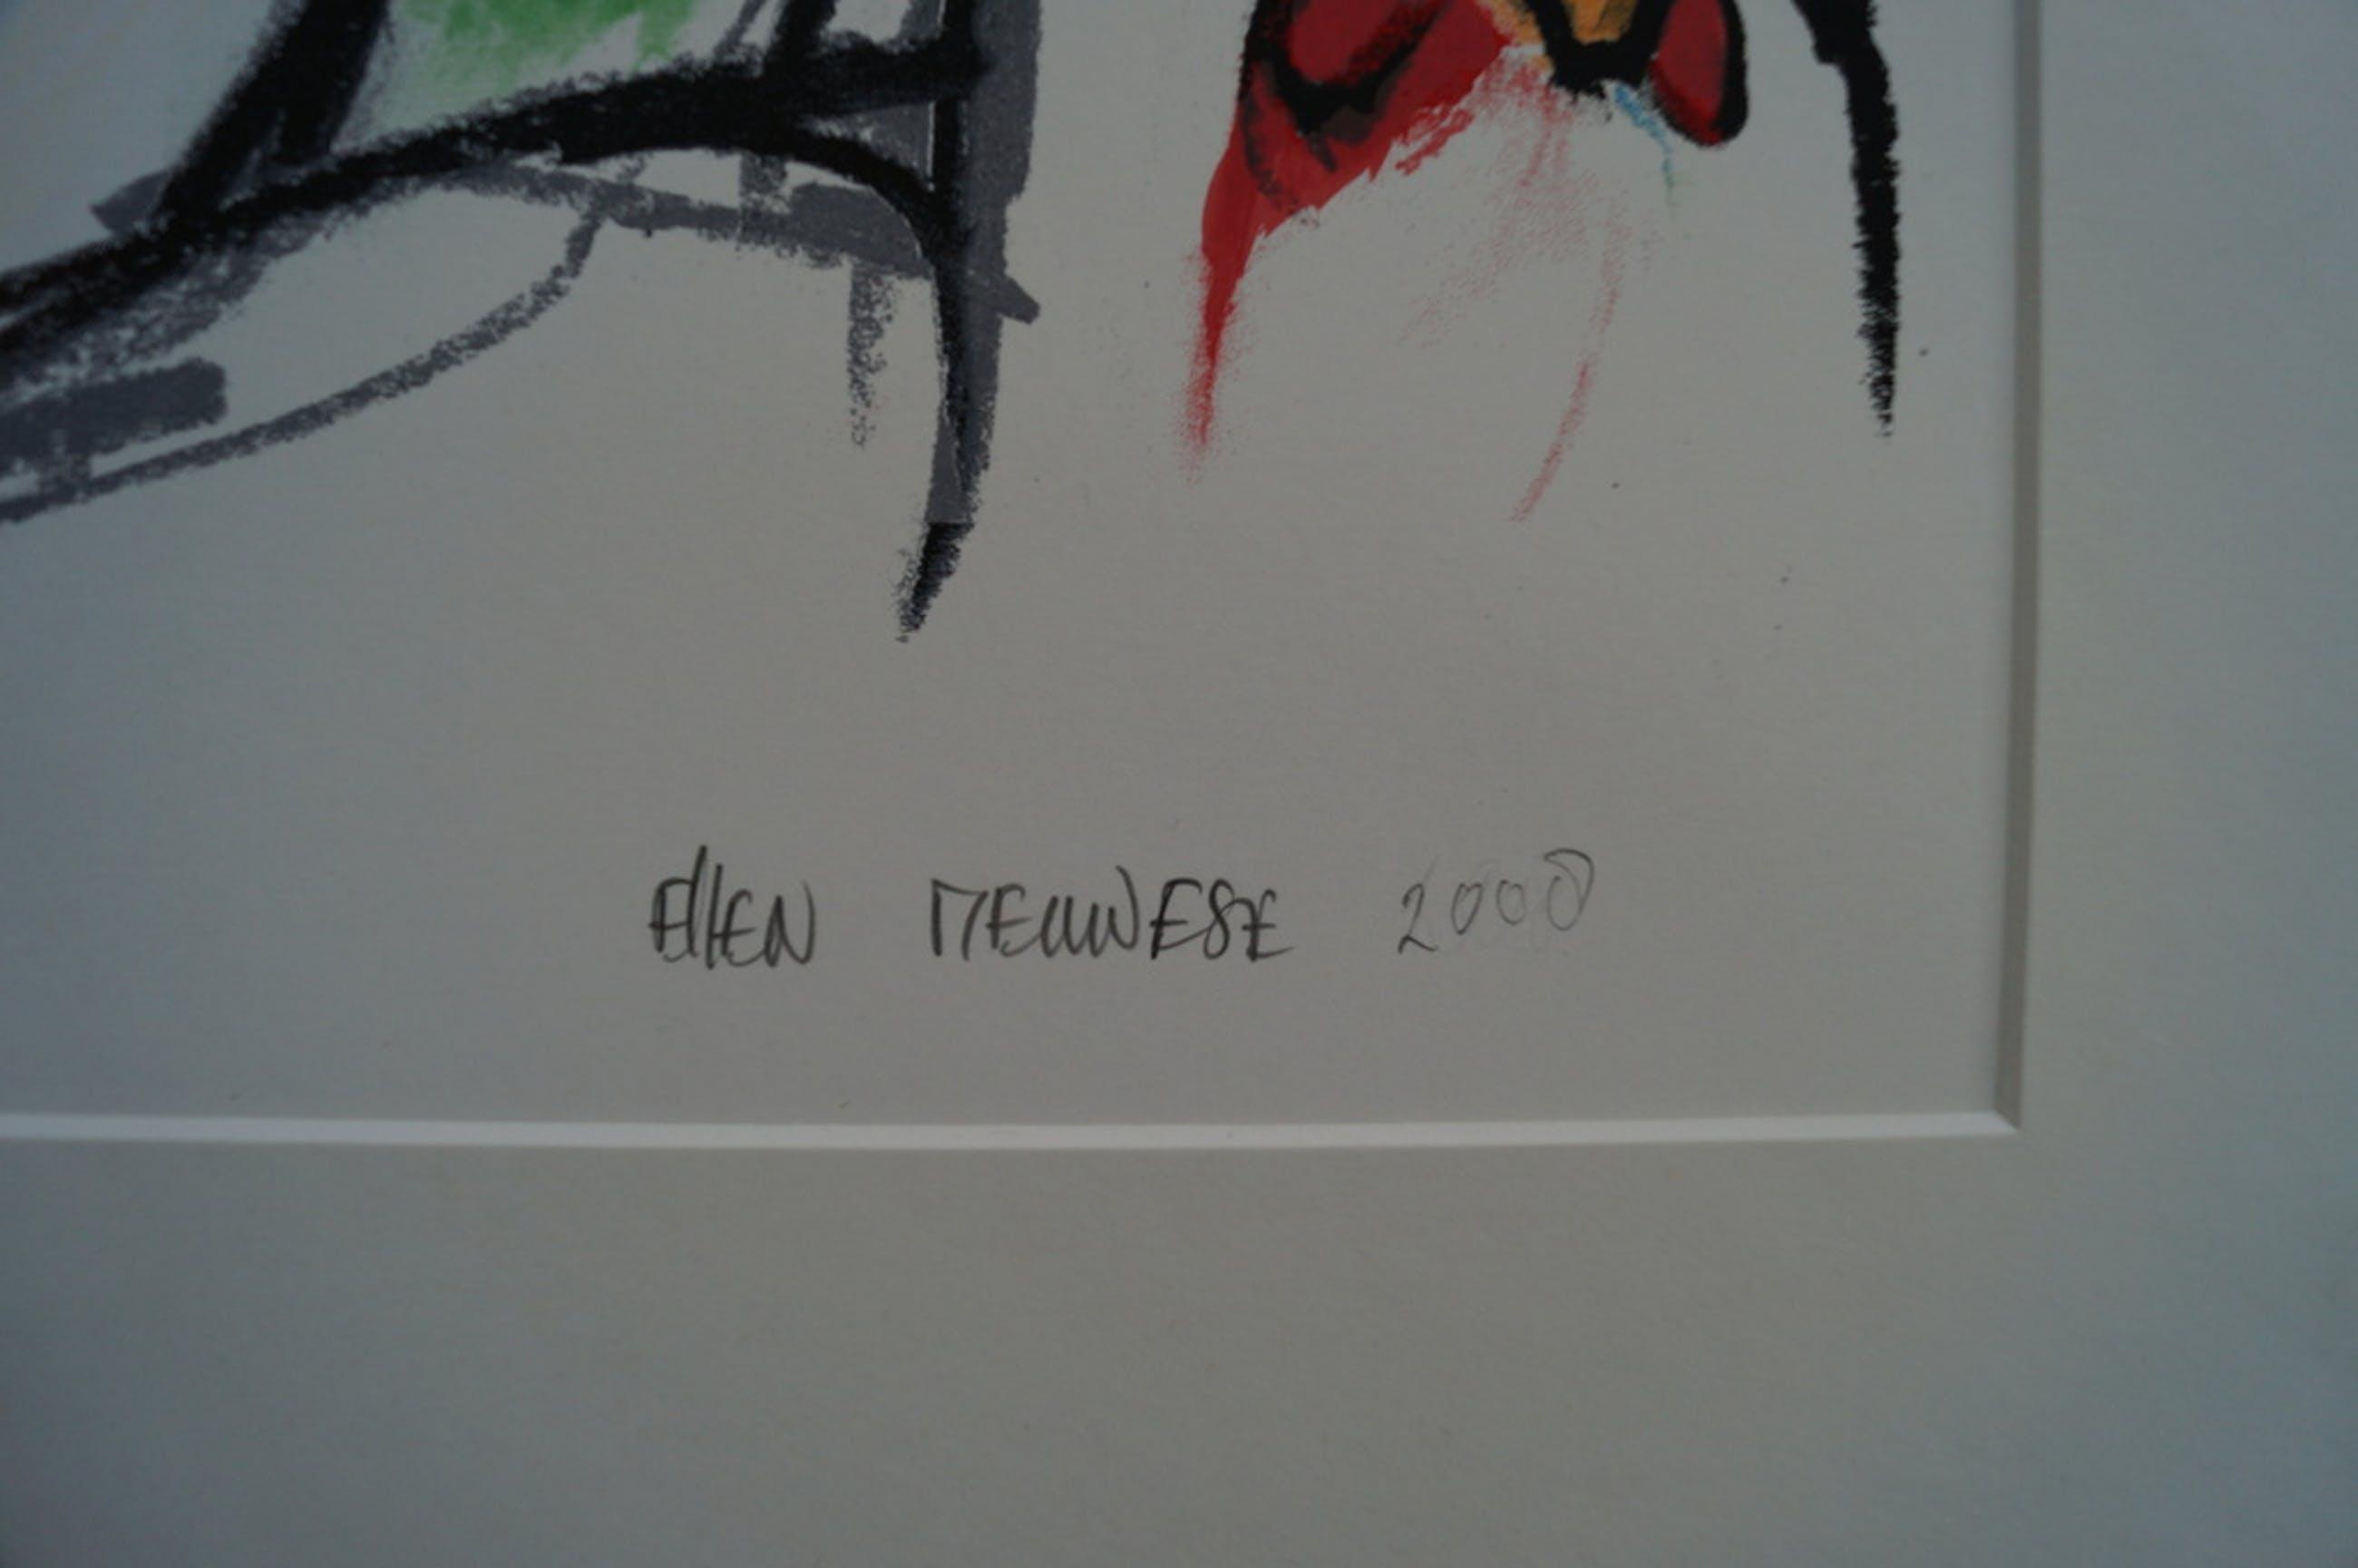 Ellen Meuwese - gesigneerde zeefdruk - 2008 kopen? Bied vanaf 40!